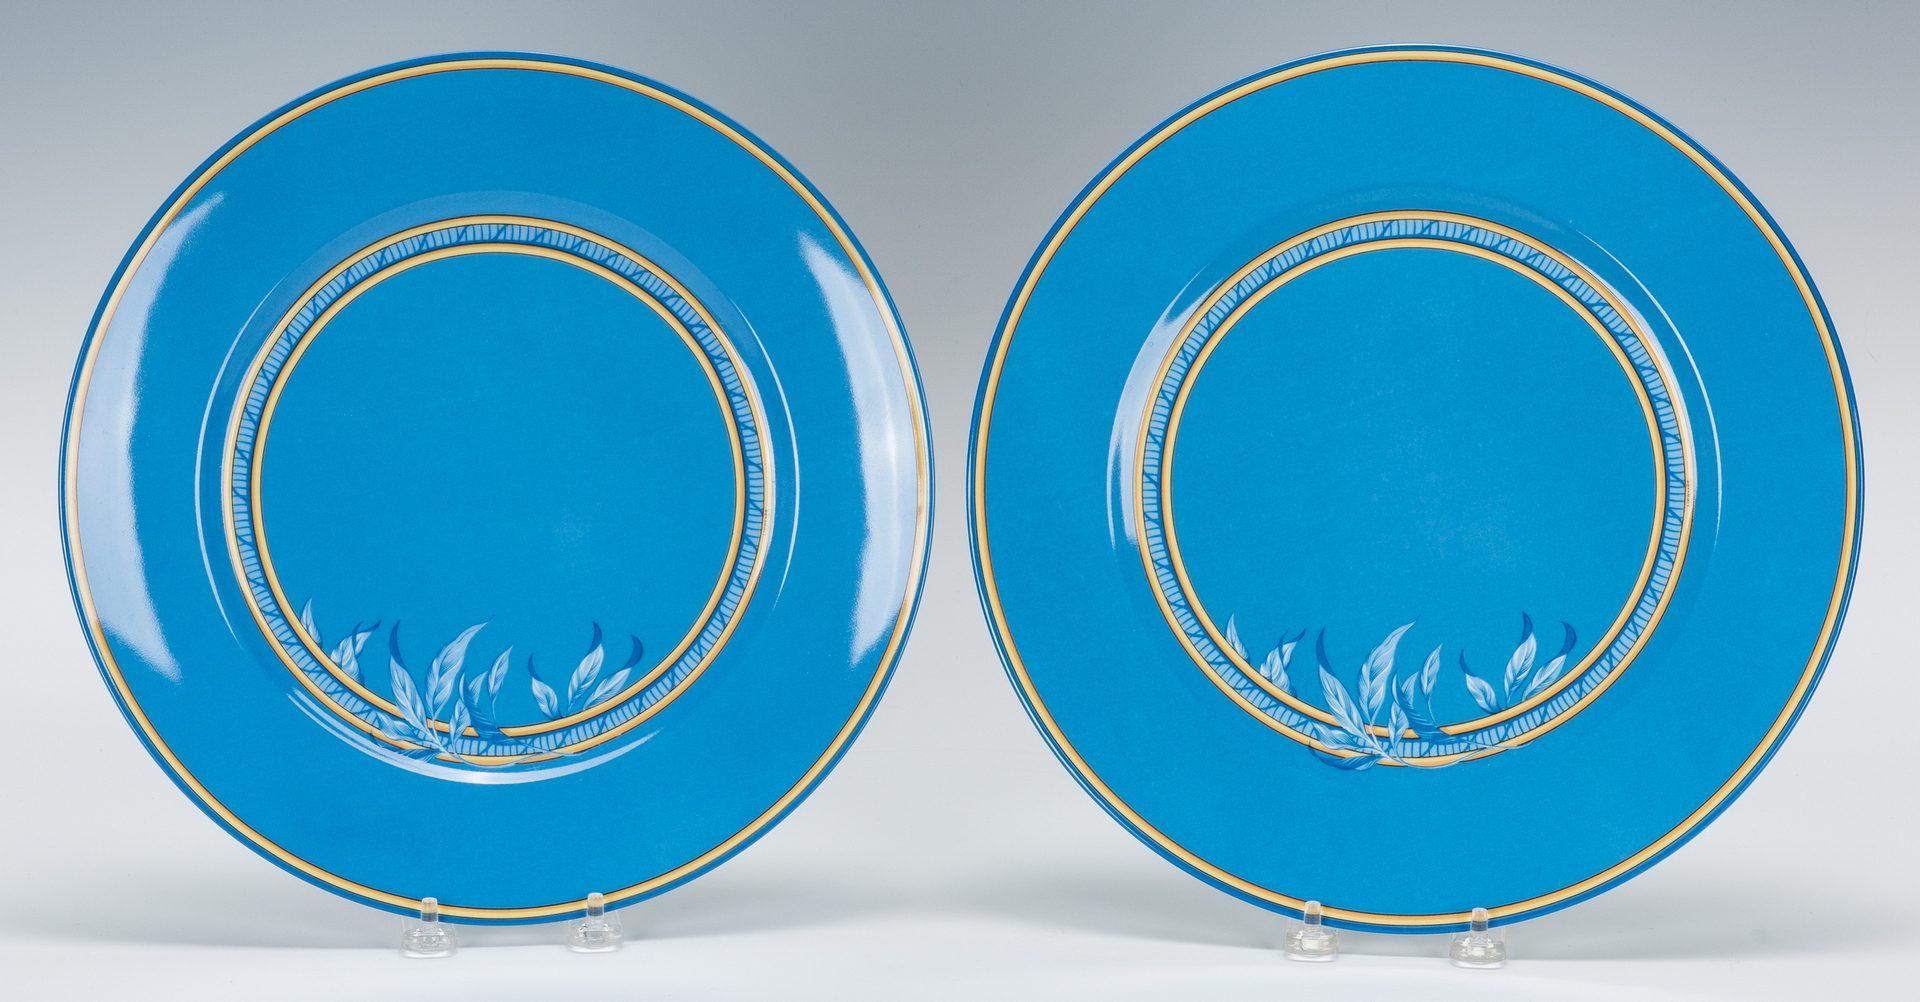 Lot 263: Hermes Paris Blue Toucans Pattern Chargers, 20 pcs.